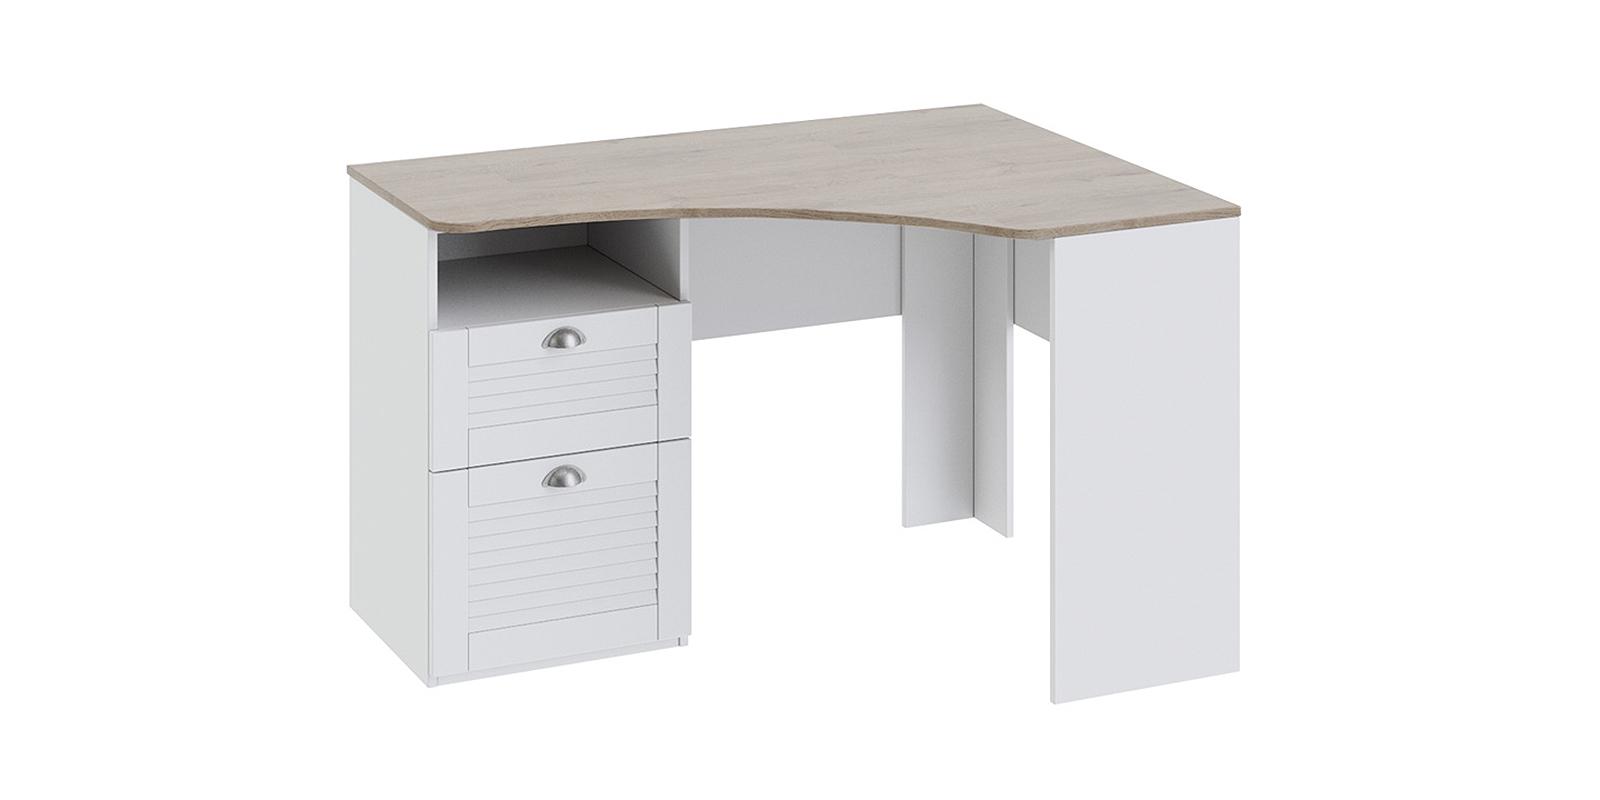 Стол письменный Мерида вариант №2 (дуб бежевый/белый)